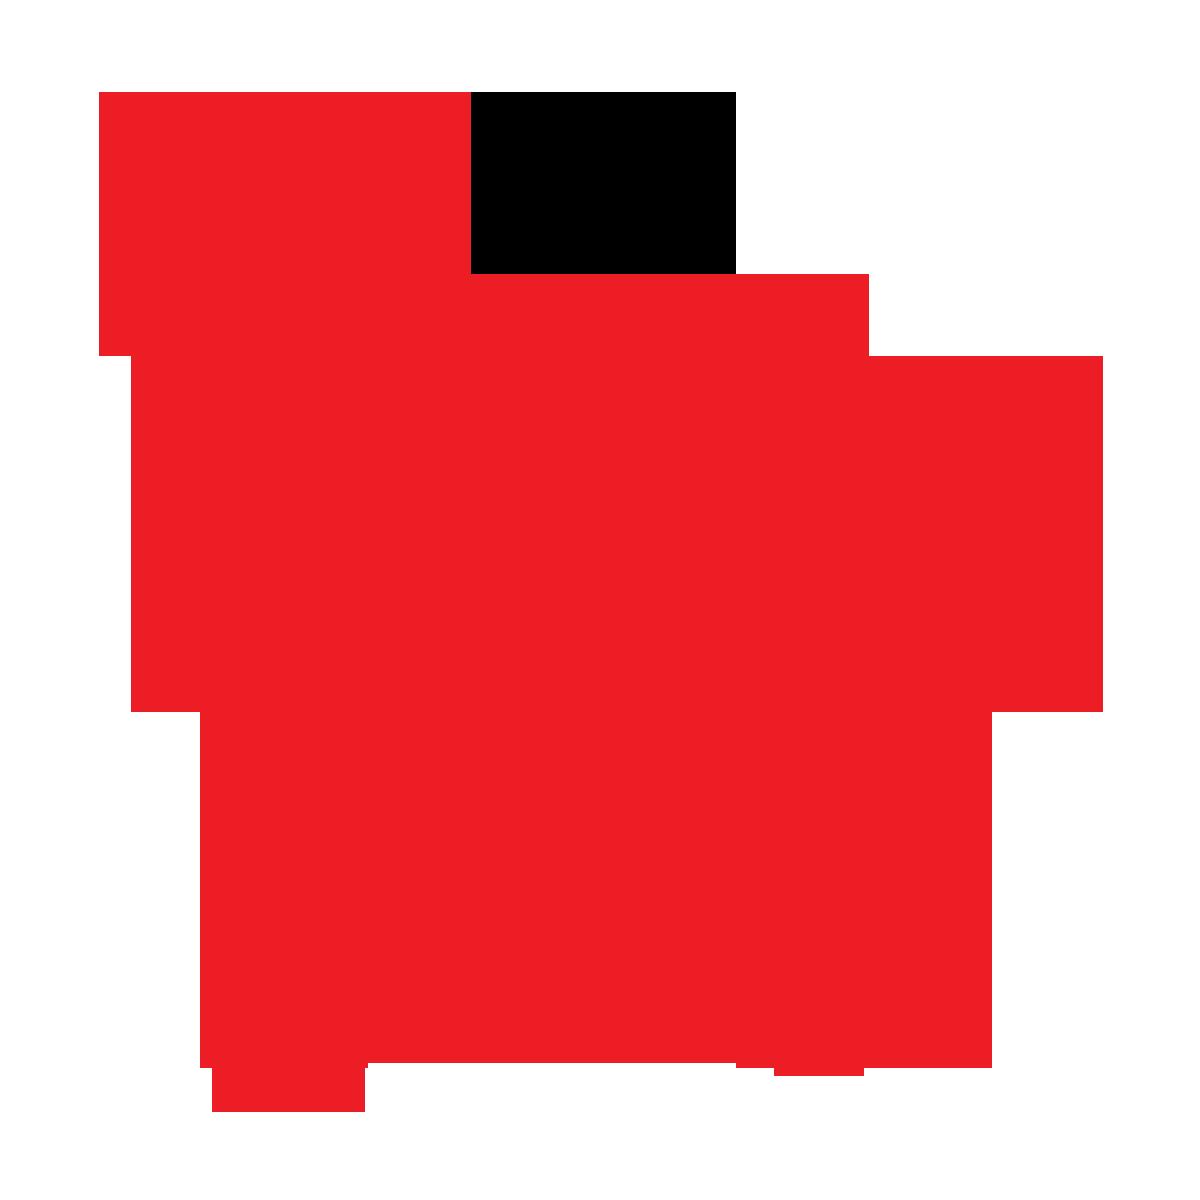 general-repairs-red